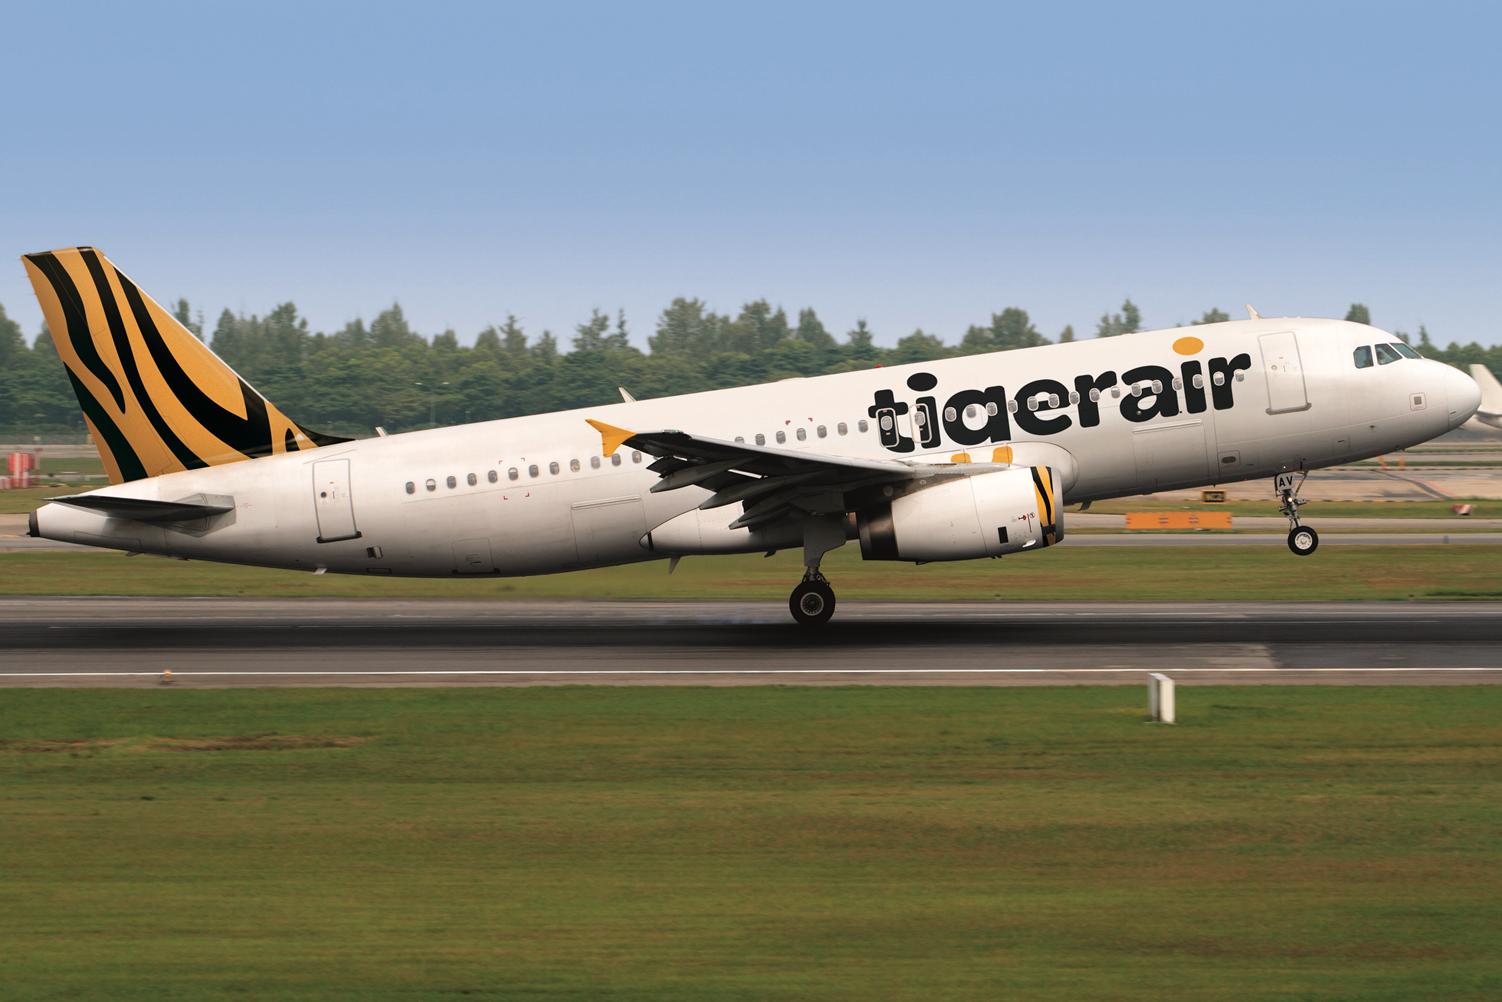 Tigerair Takeoff